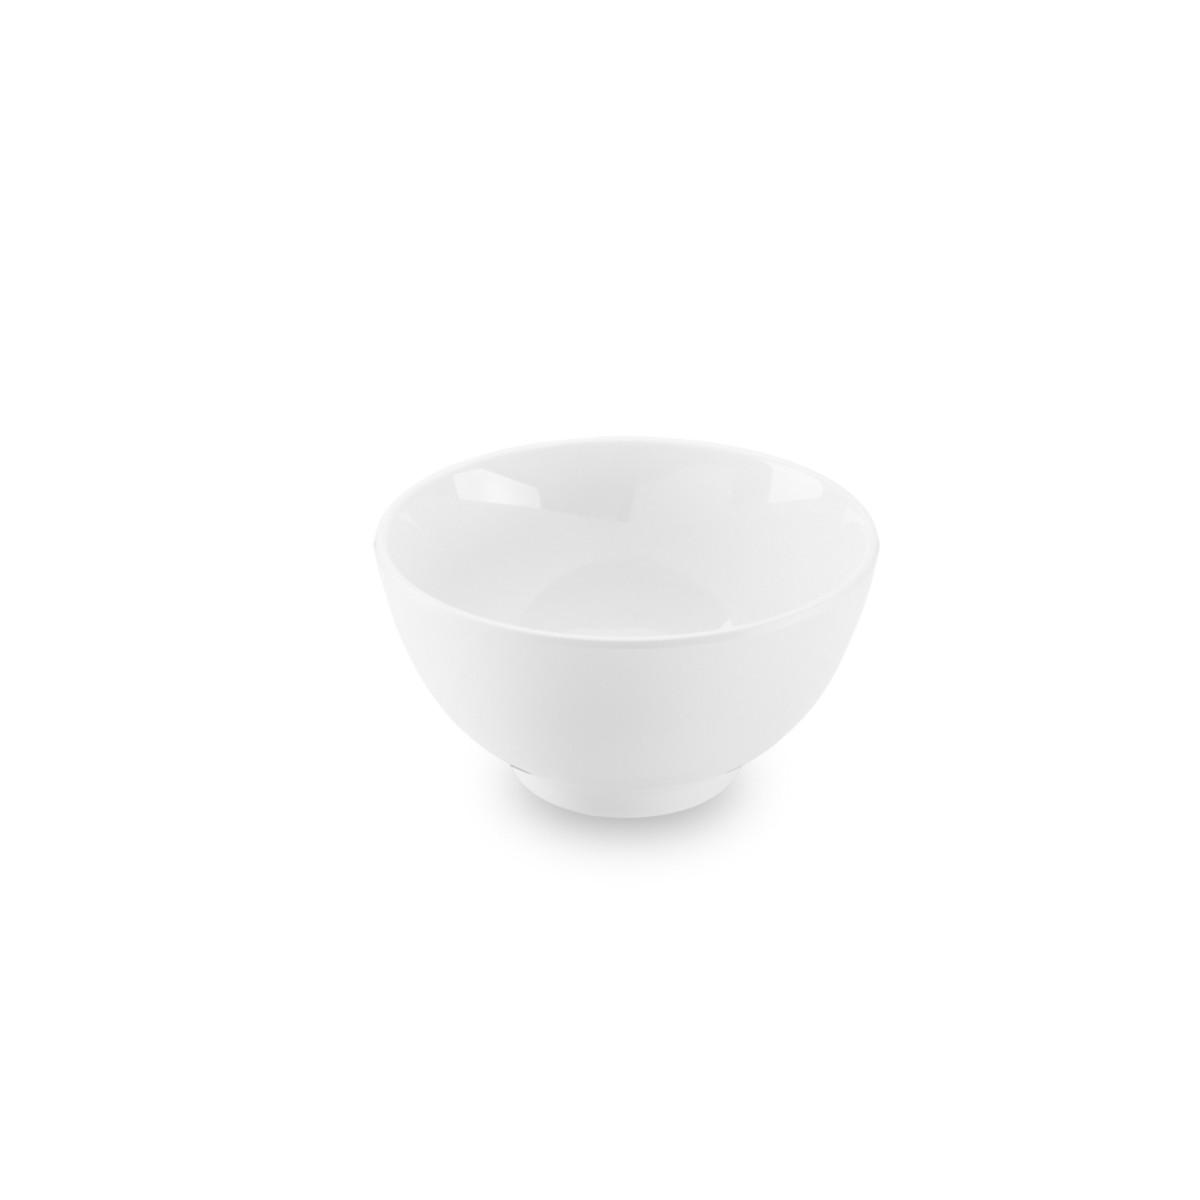 Bowl Redondo em Melamina com Base Asia 800ml Haus Concept  UN